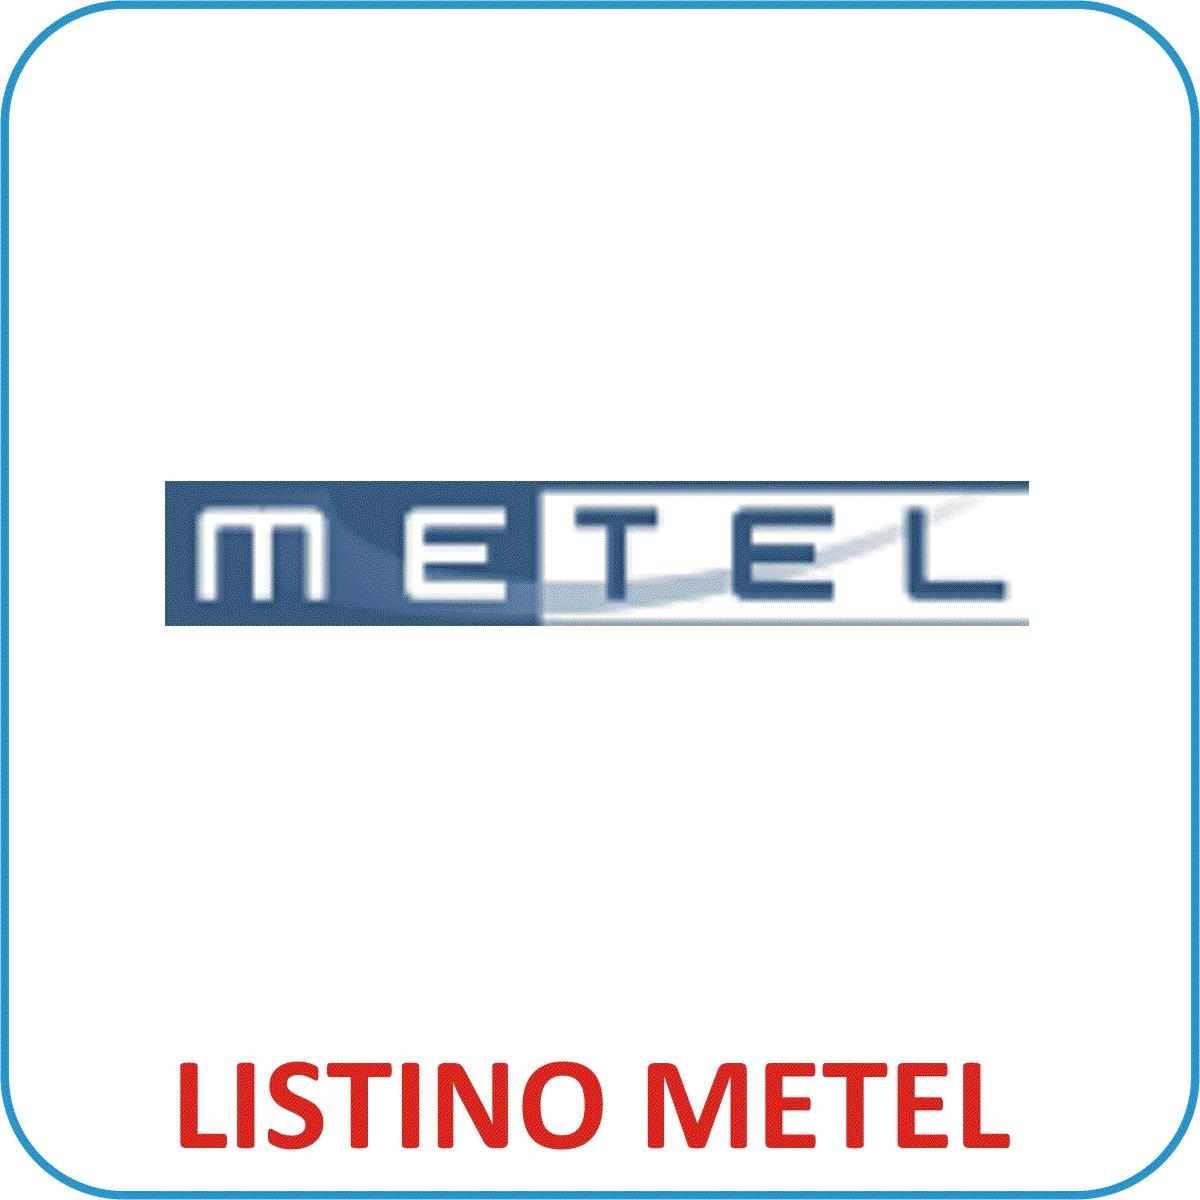 Listino formato METEL